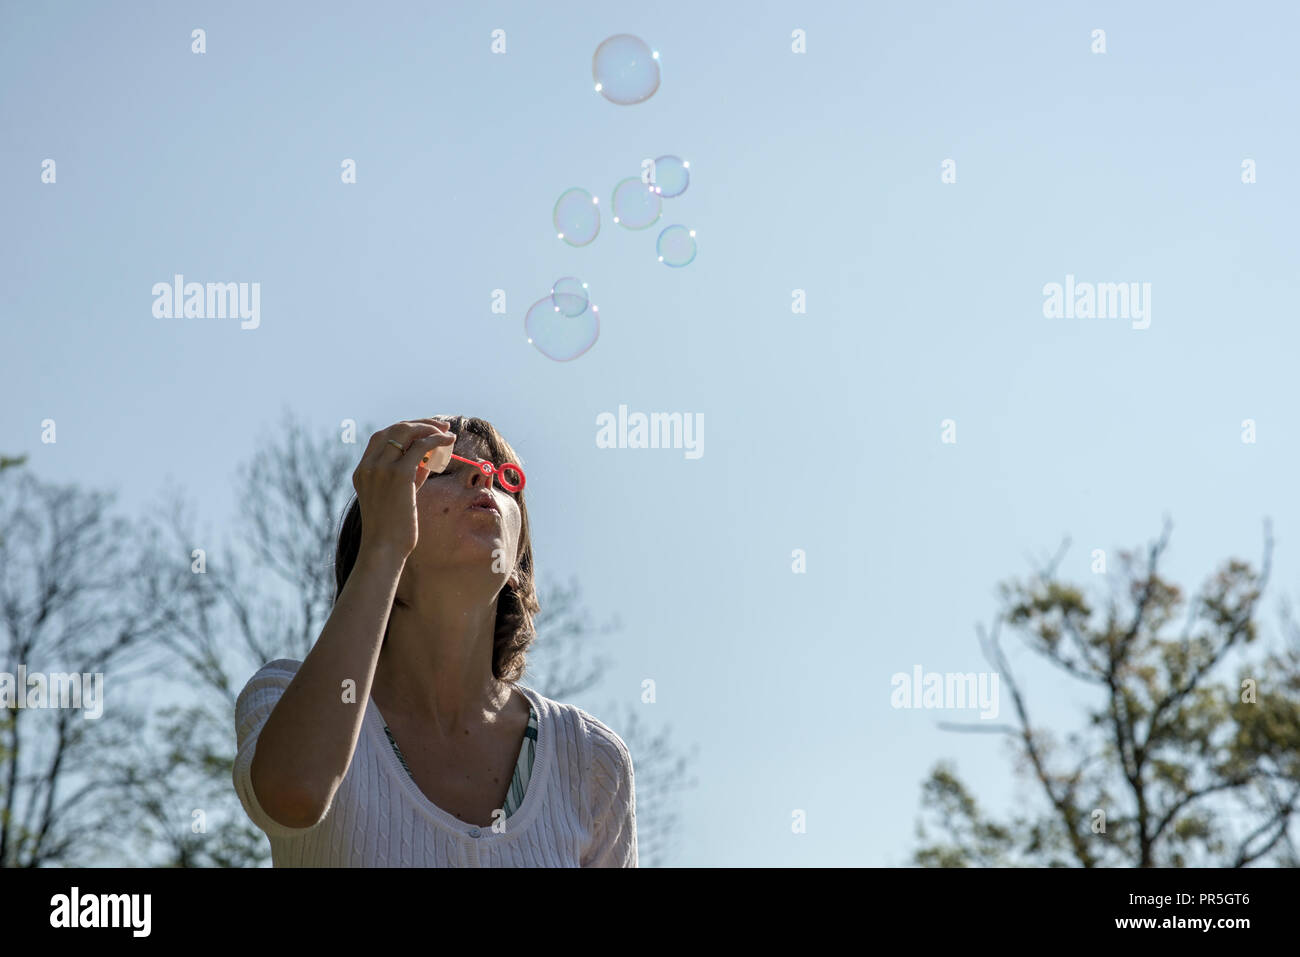 Ninguna mujer en camisa manga corta soplando burbujas fuera con el brillante cielo azul de fondo. Imagen De Stock